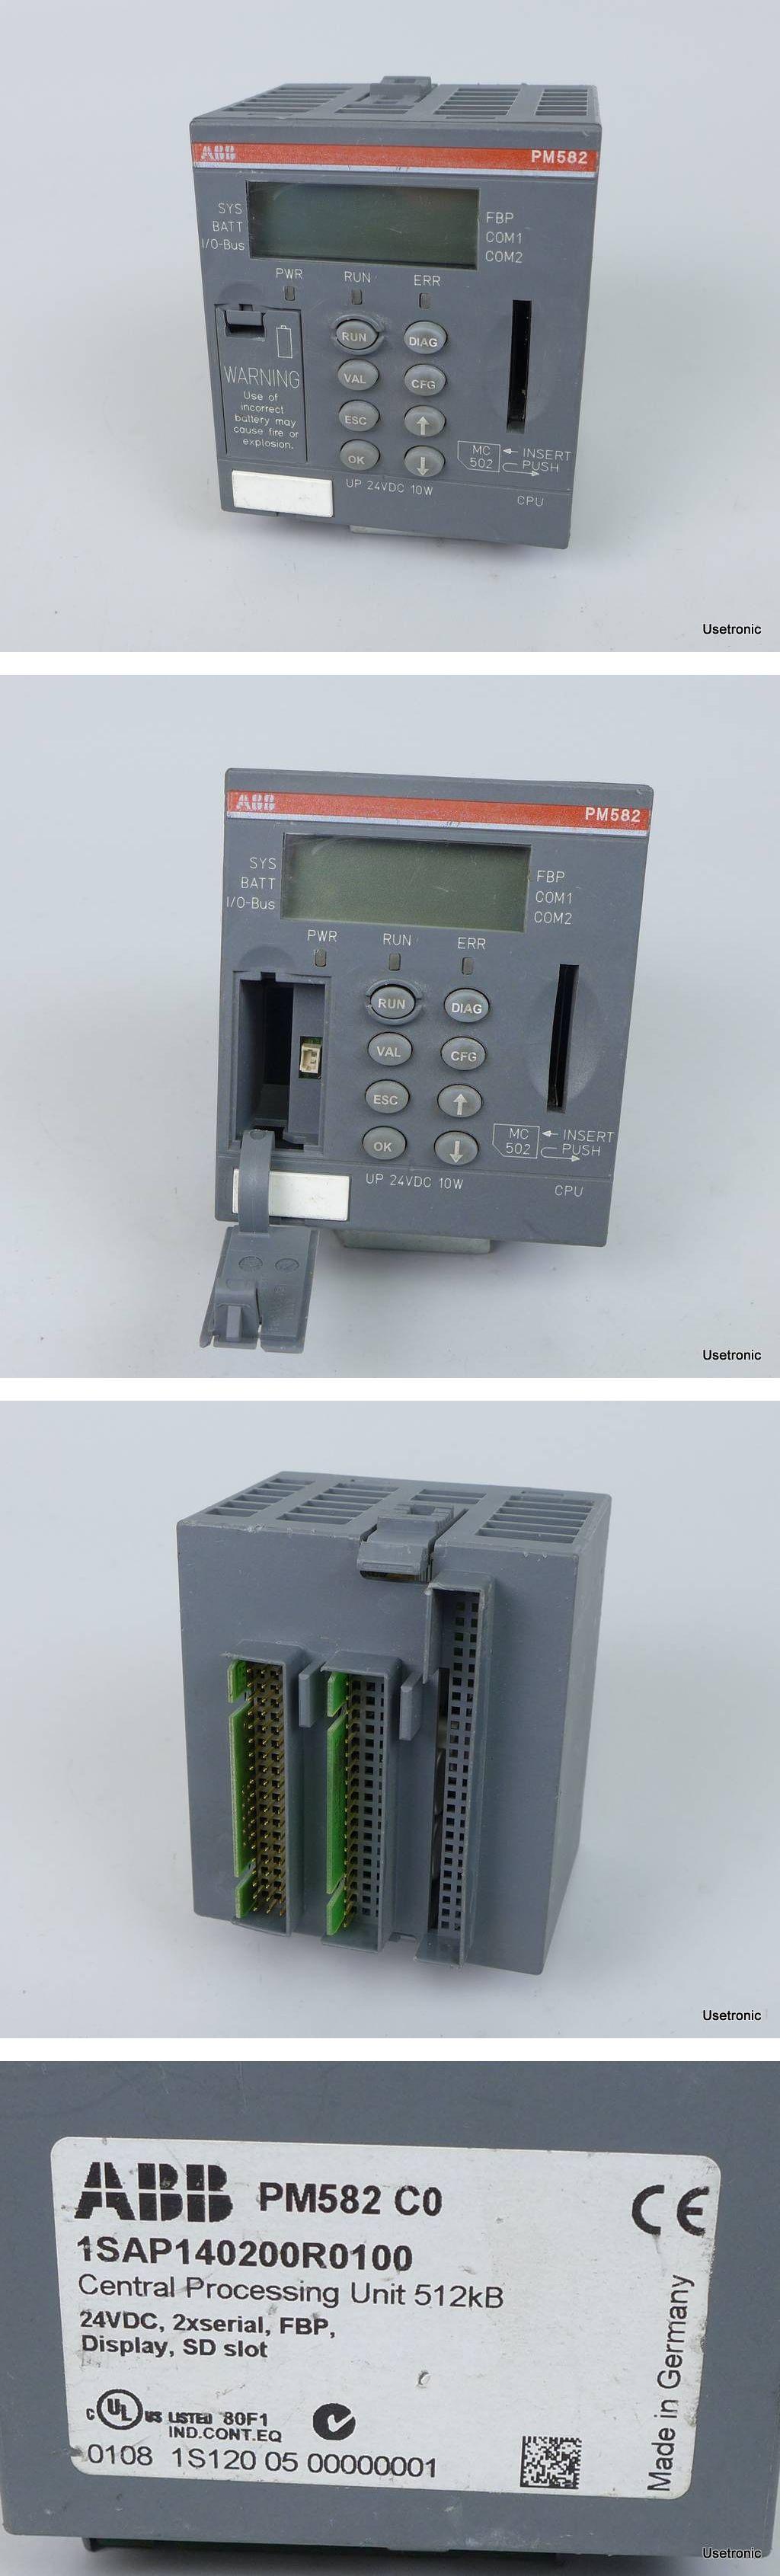 ABB PM582 CO 1SAP140200R0100